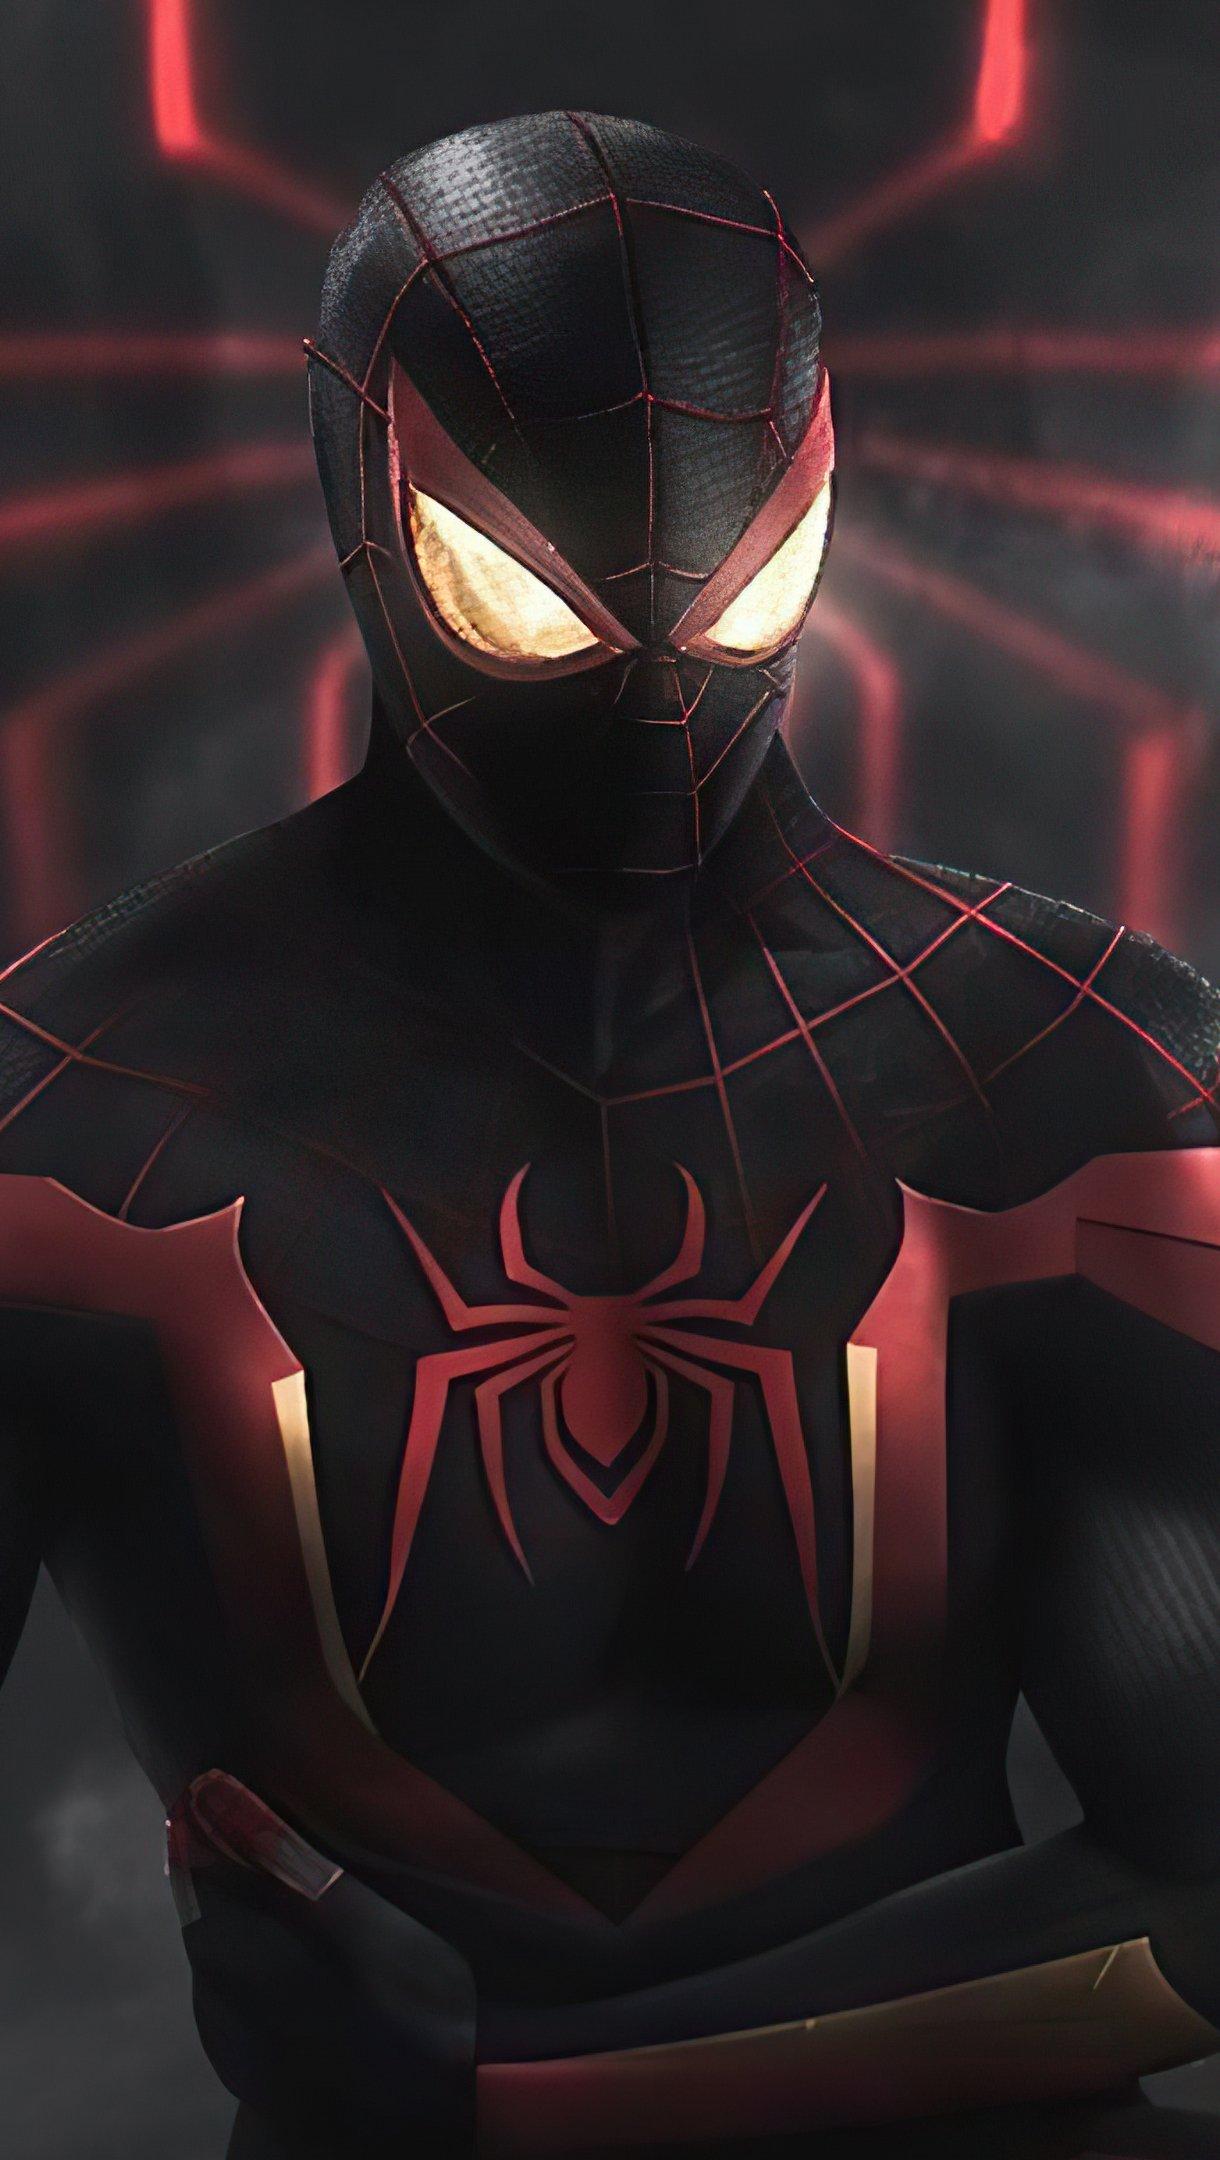 Fondos de pantalla El hombre araña con traje negro y rojo Vertical